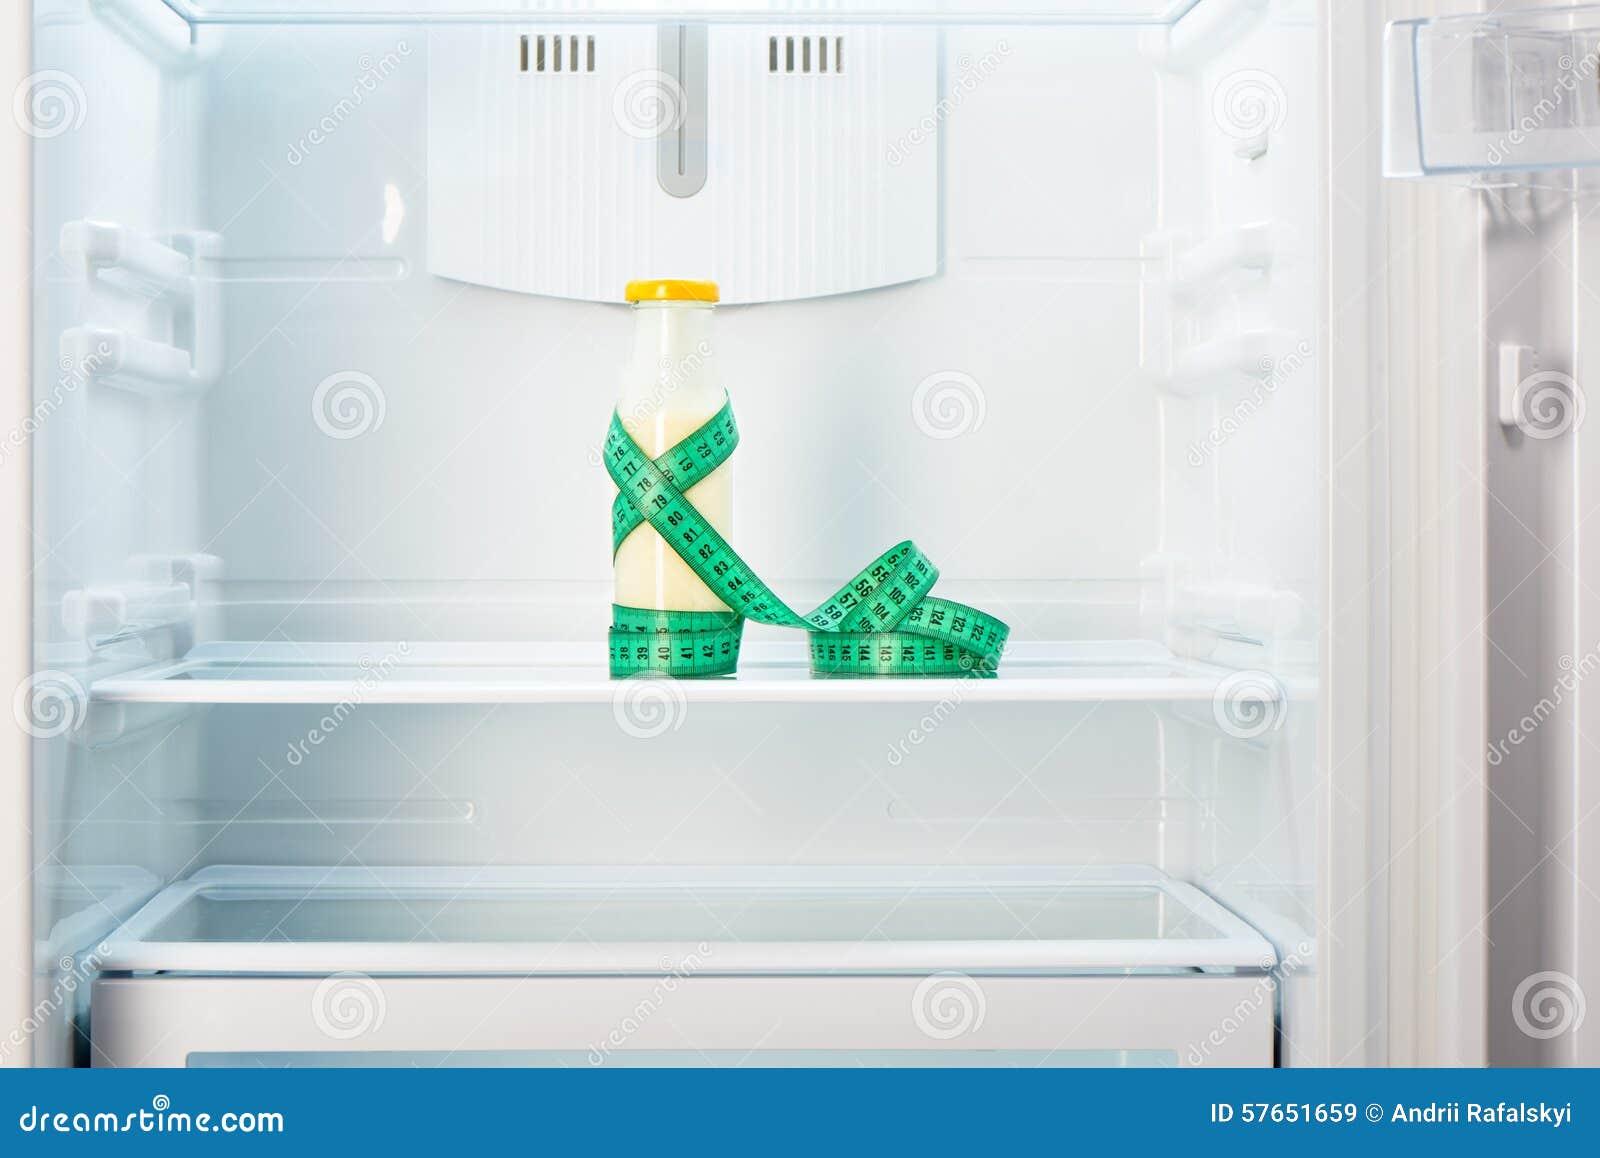 Bottiglia di vetro di yogurt con nastro adesivo di misurazione sullo scaffale del frigorifero vuoto aperto